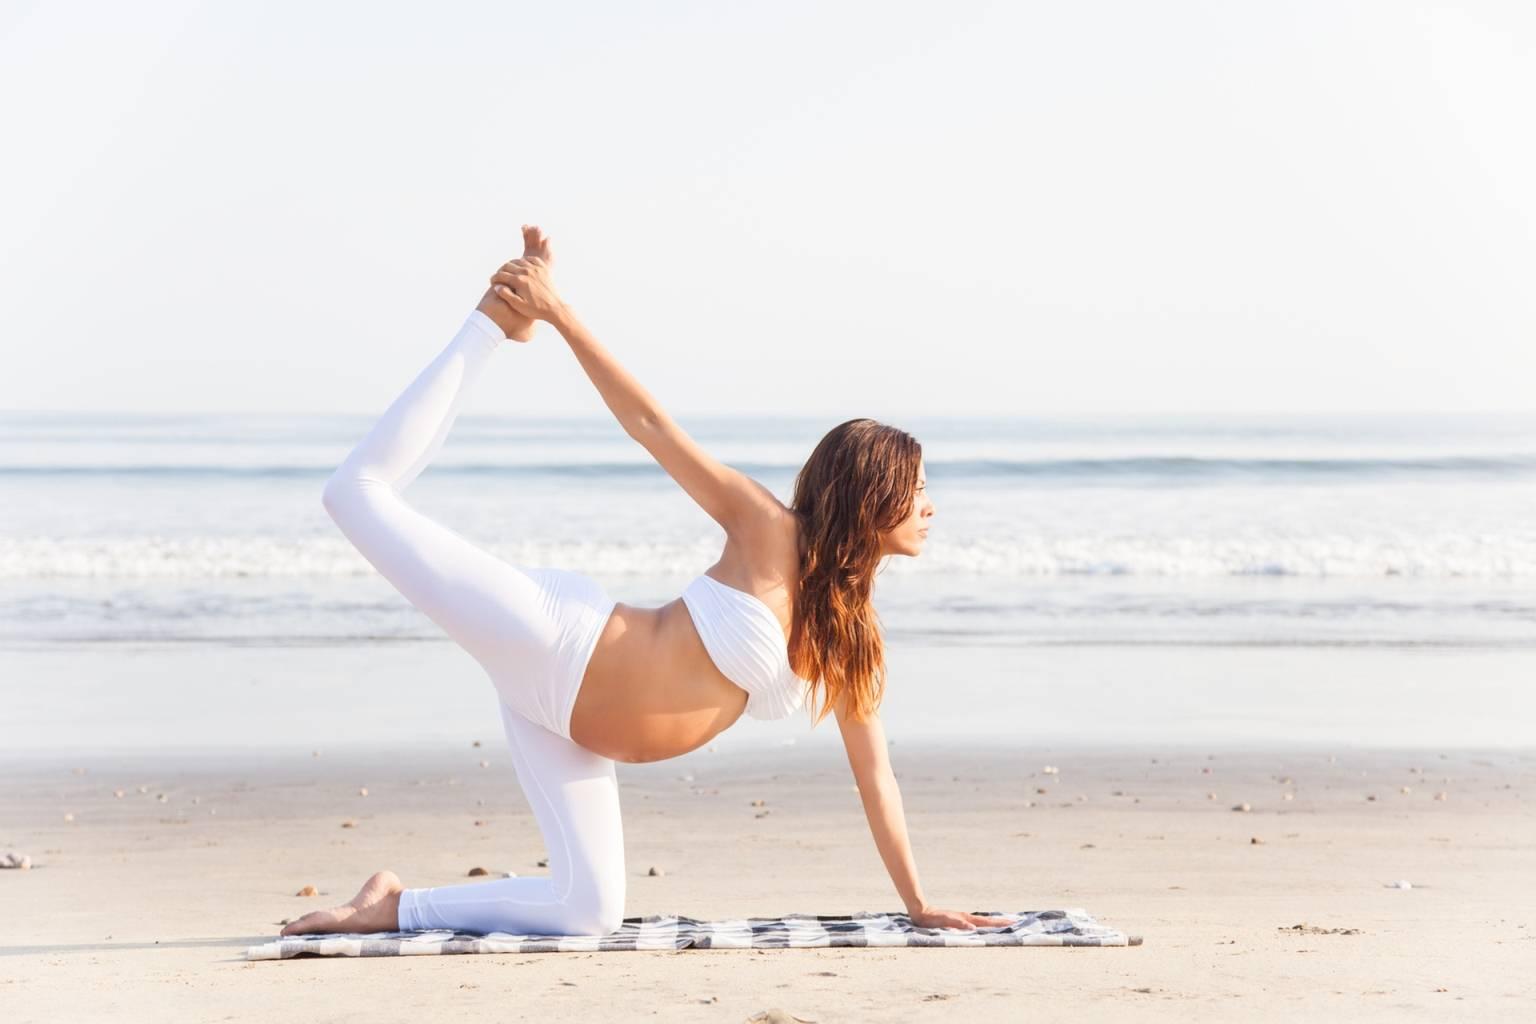 Medycyna chińska na dolegliwości w ciąży. Kobieta ciężarna ćwiczy jogę na macie na plaży nad brzegiem morza.